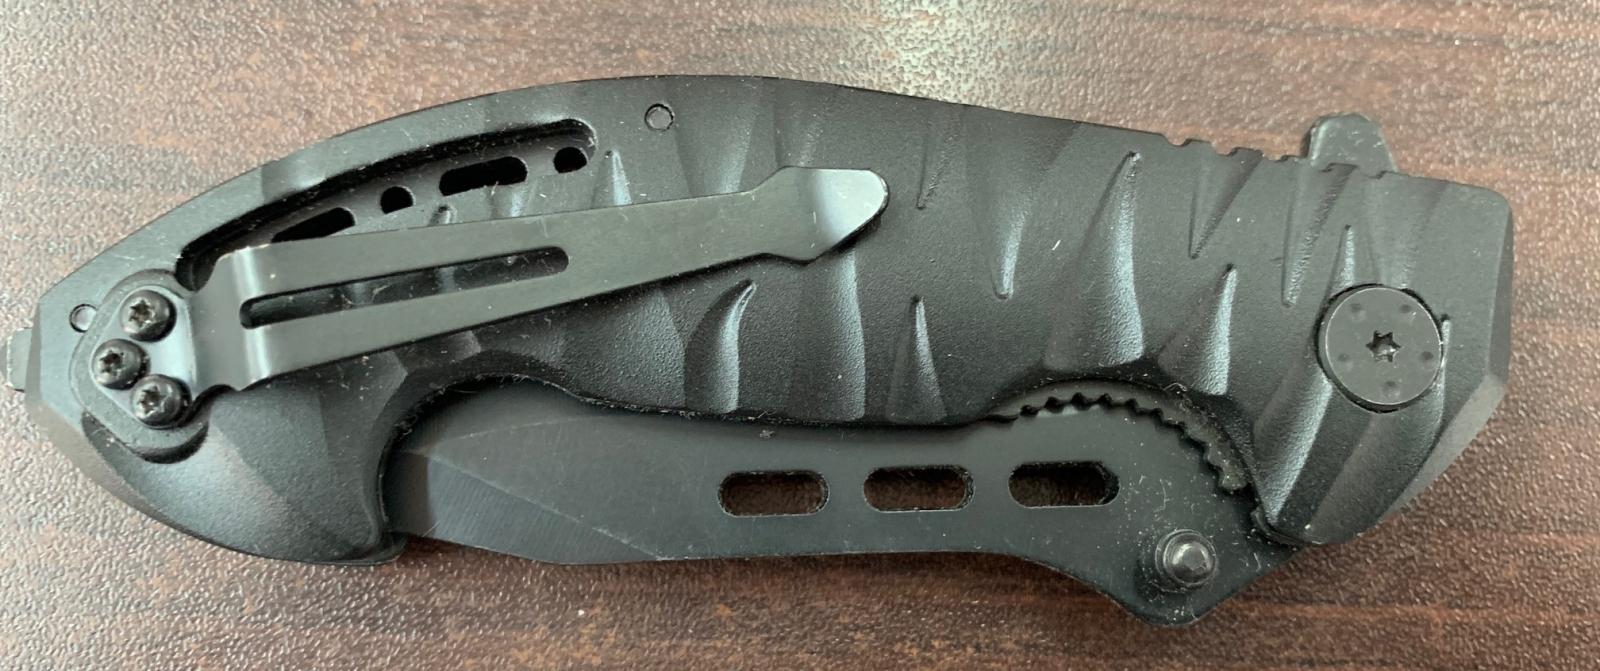 Складной тактический нож Cold Steel с долами и удобной рукоятью